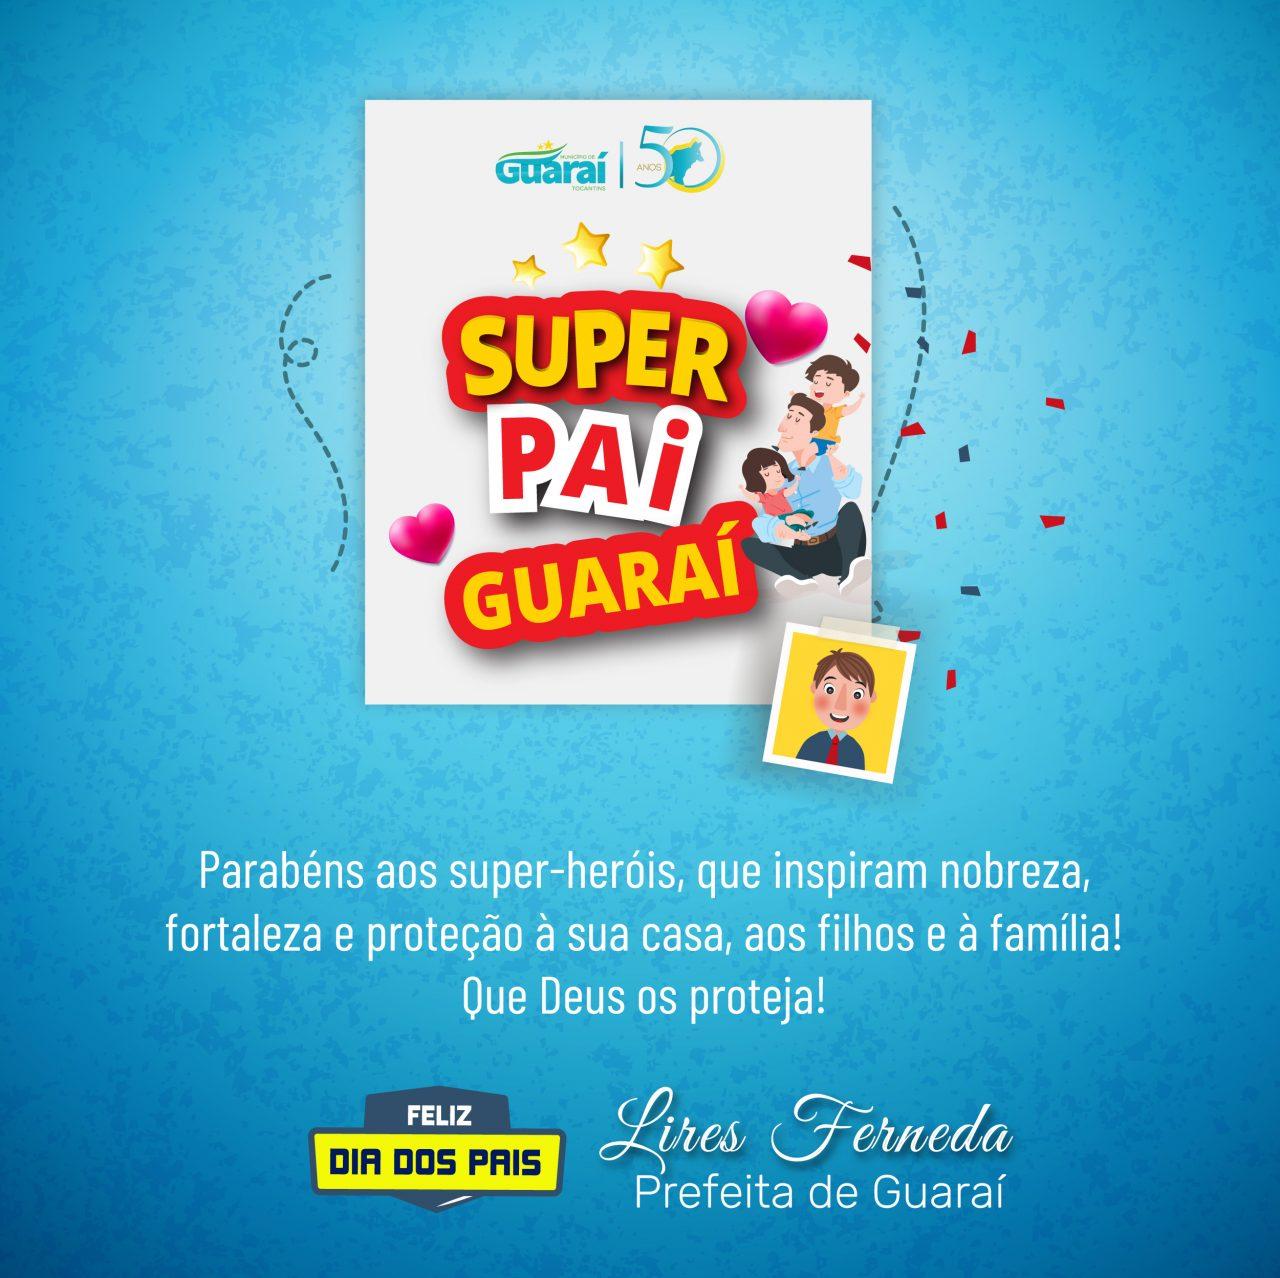 CARTAO LIRES 1280x1278 - Dia dos Pais: promovido pela Prefeitura de Guaraí, campanha ganha interação e homenagens das famílias aos papais guaraienses